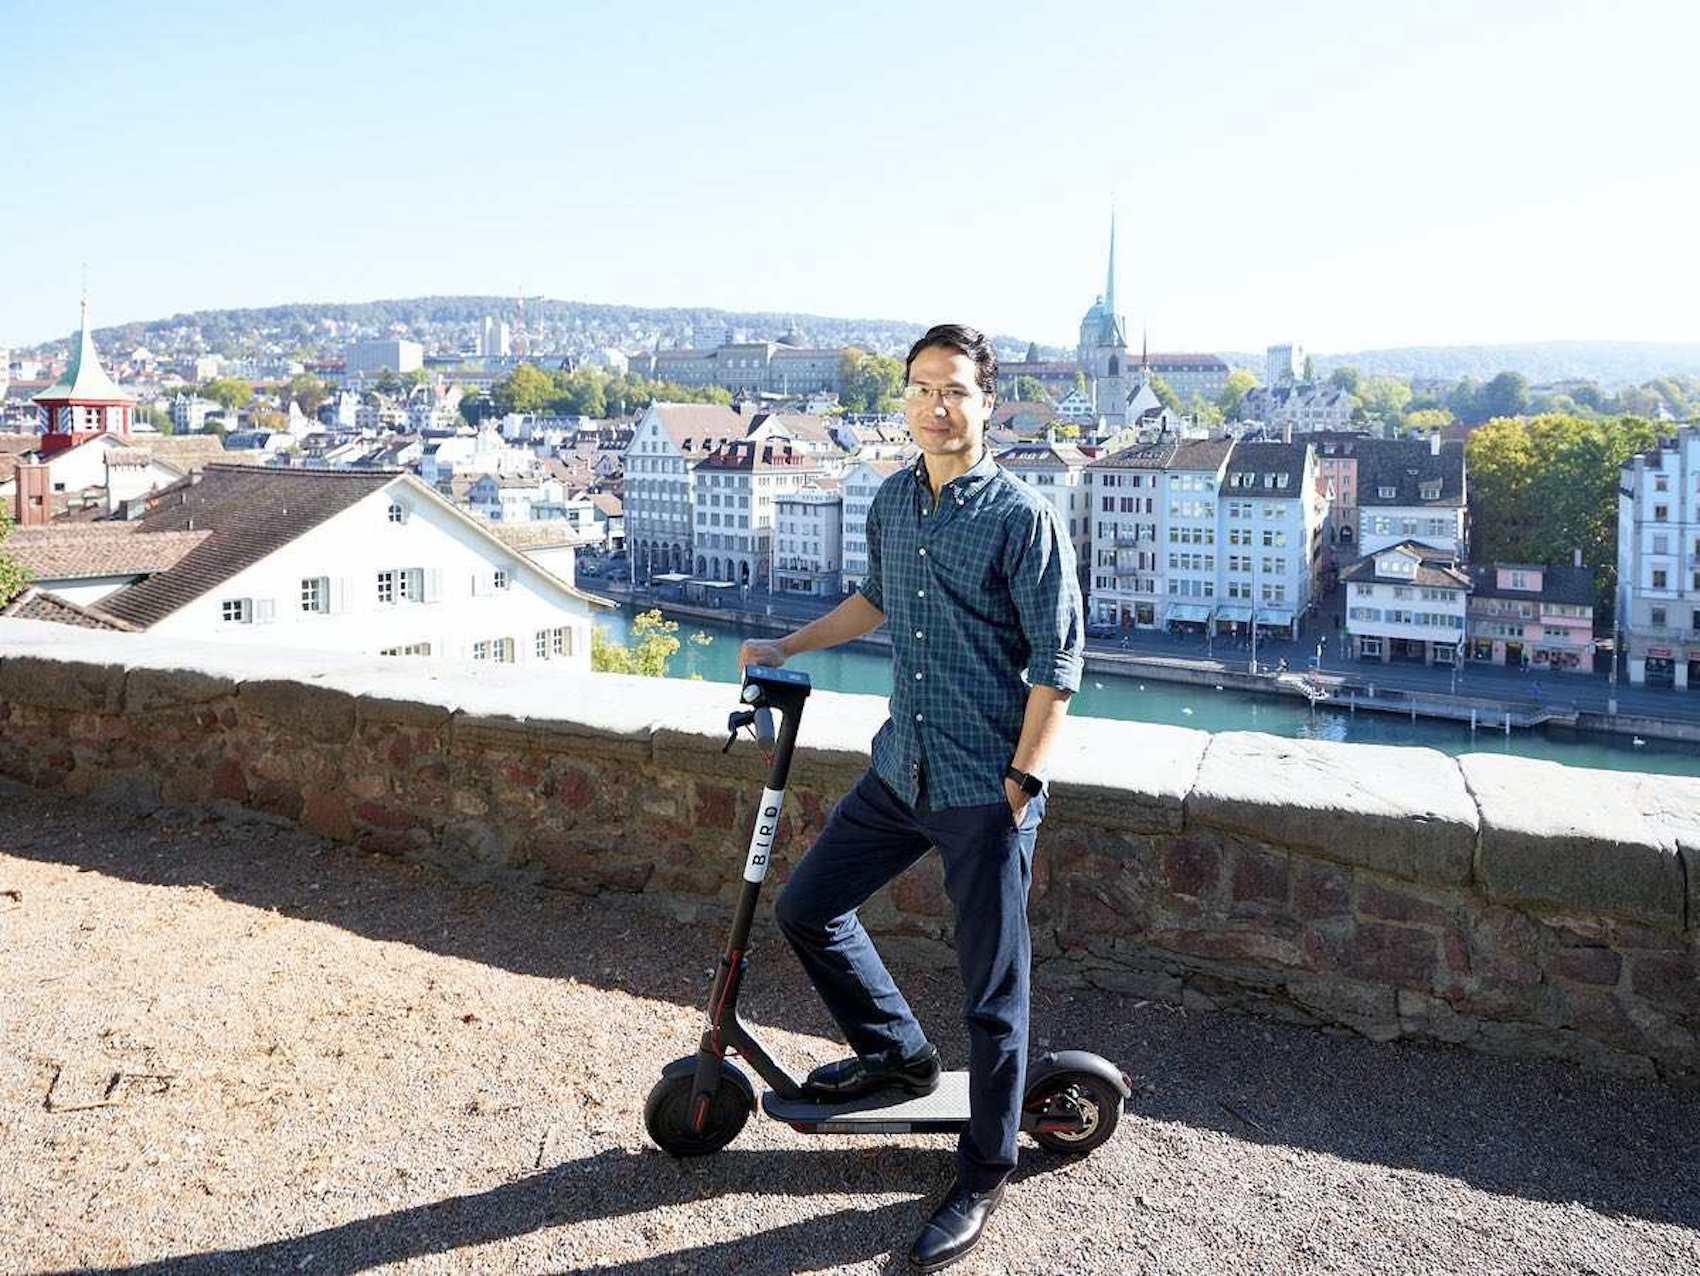 Le gérant de Bird, Christian Gessner, à Zurich. (ZVG)